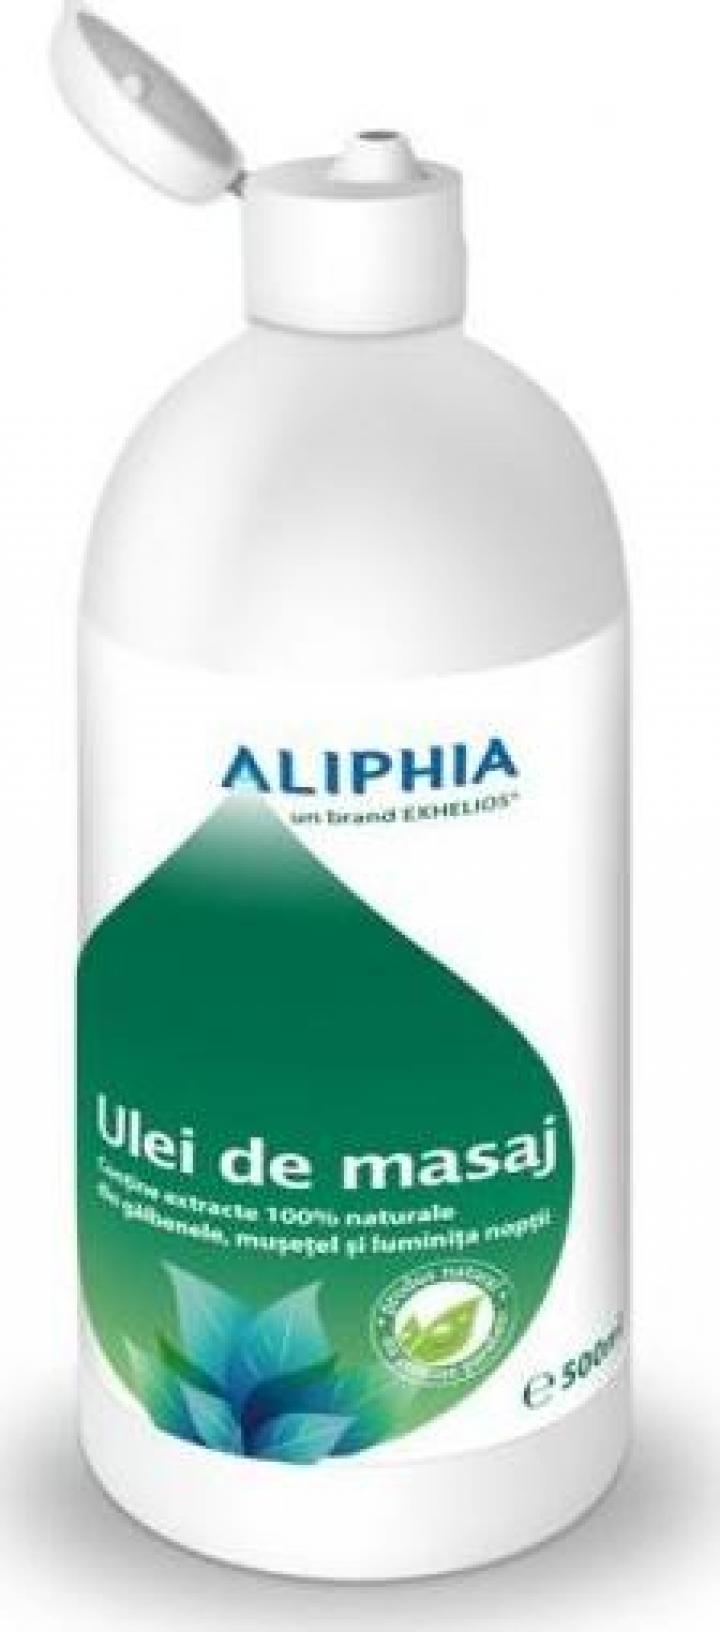 Ulei de masaj Heliosana - 500 ml